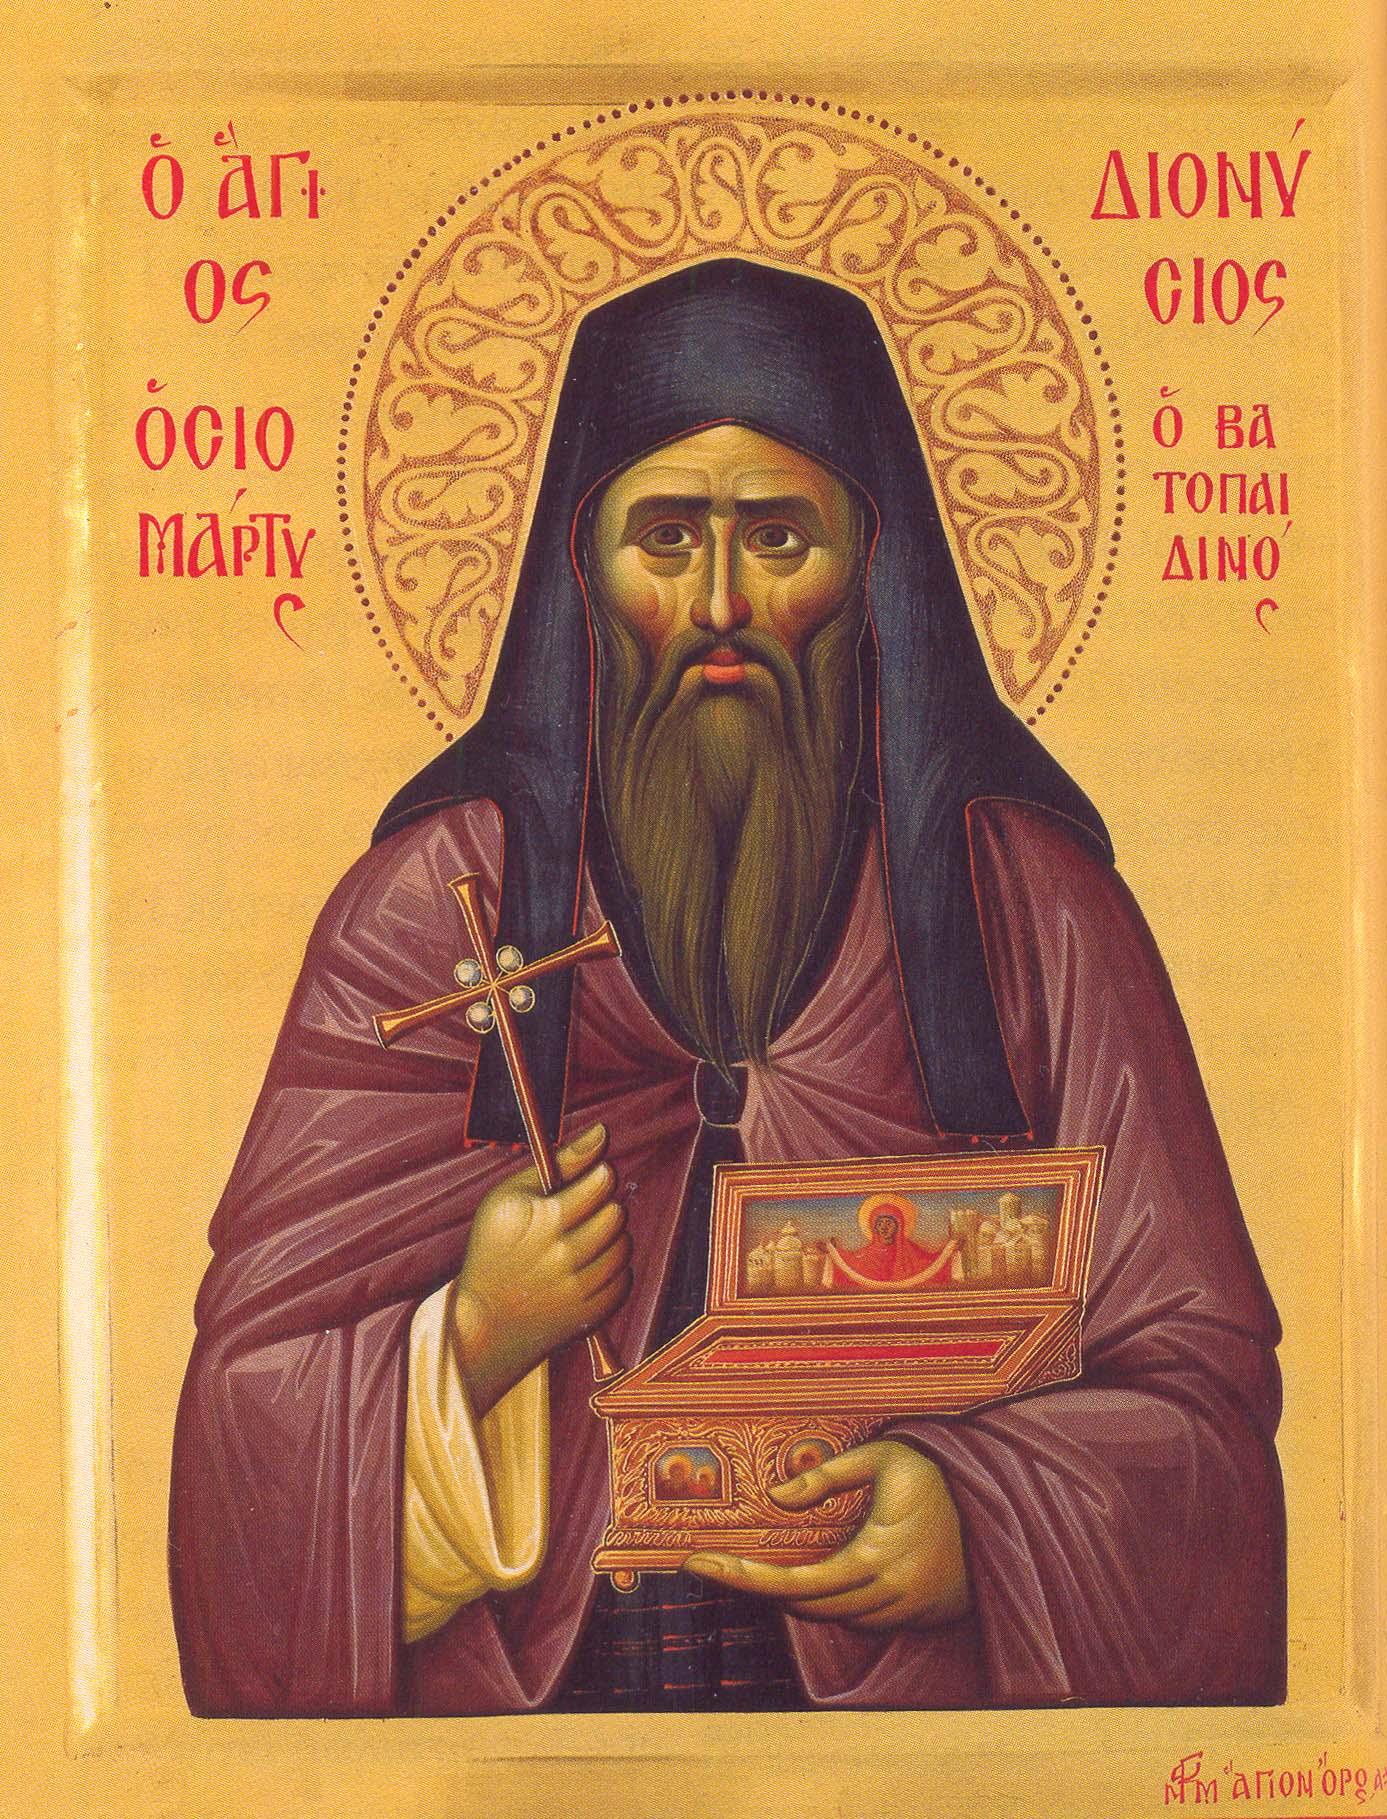 Οι ιερομάρτυρες Νεόφυτος, Αμβρόσιος, Μακάριος (22 Ιουνίου) Διονύσιος (10 Οκτωβρίου)